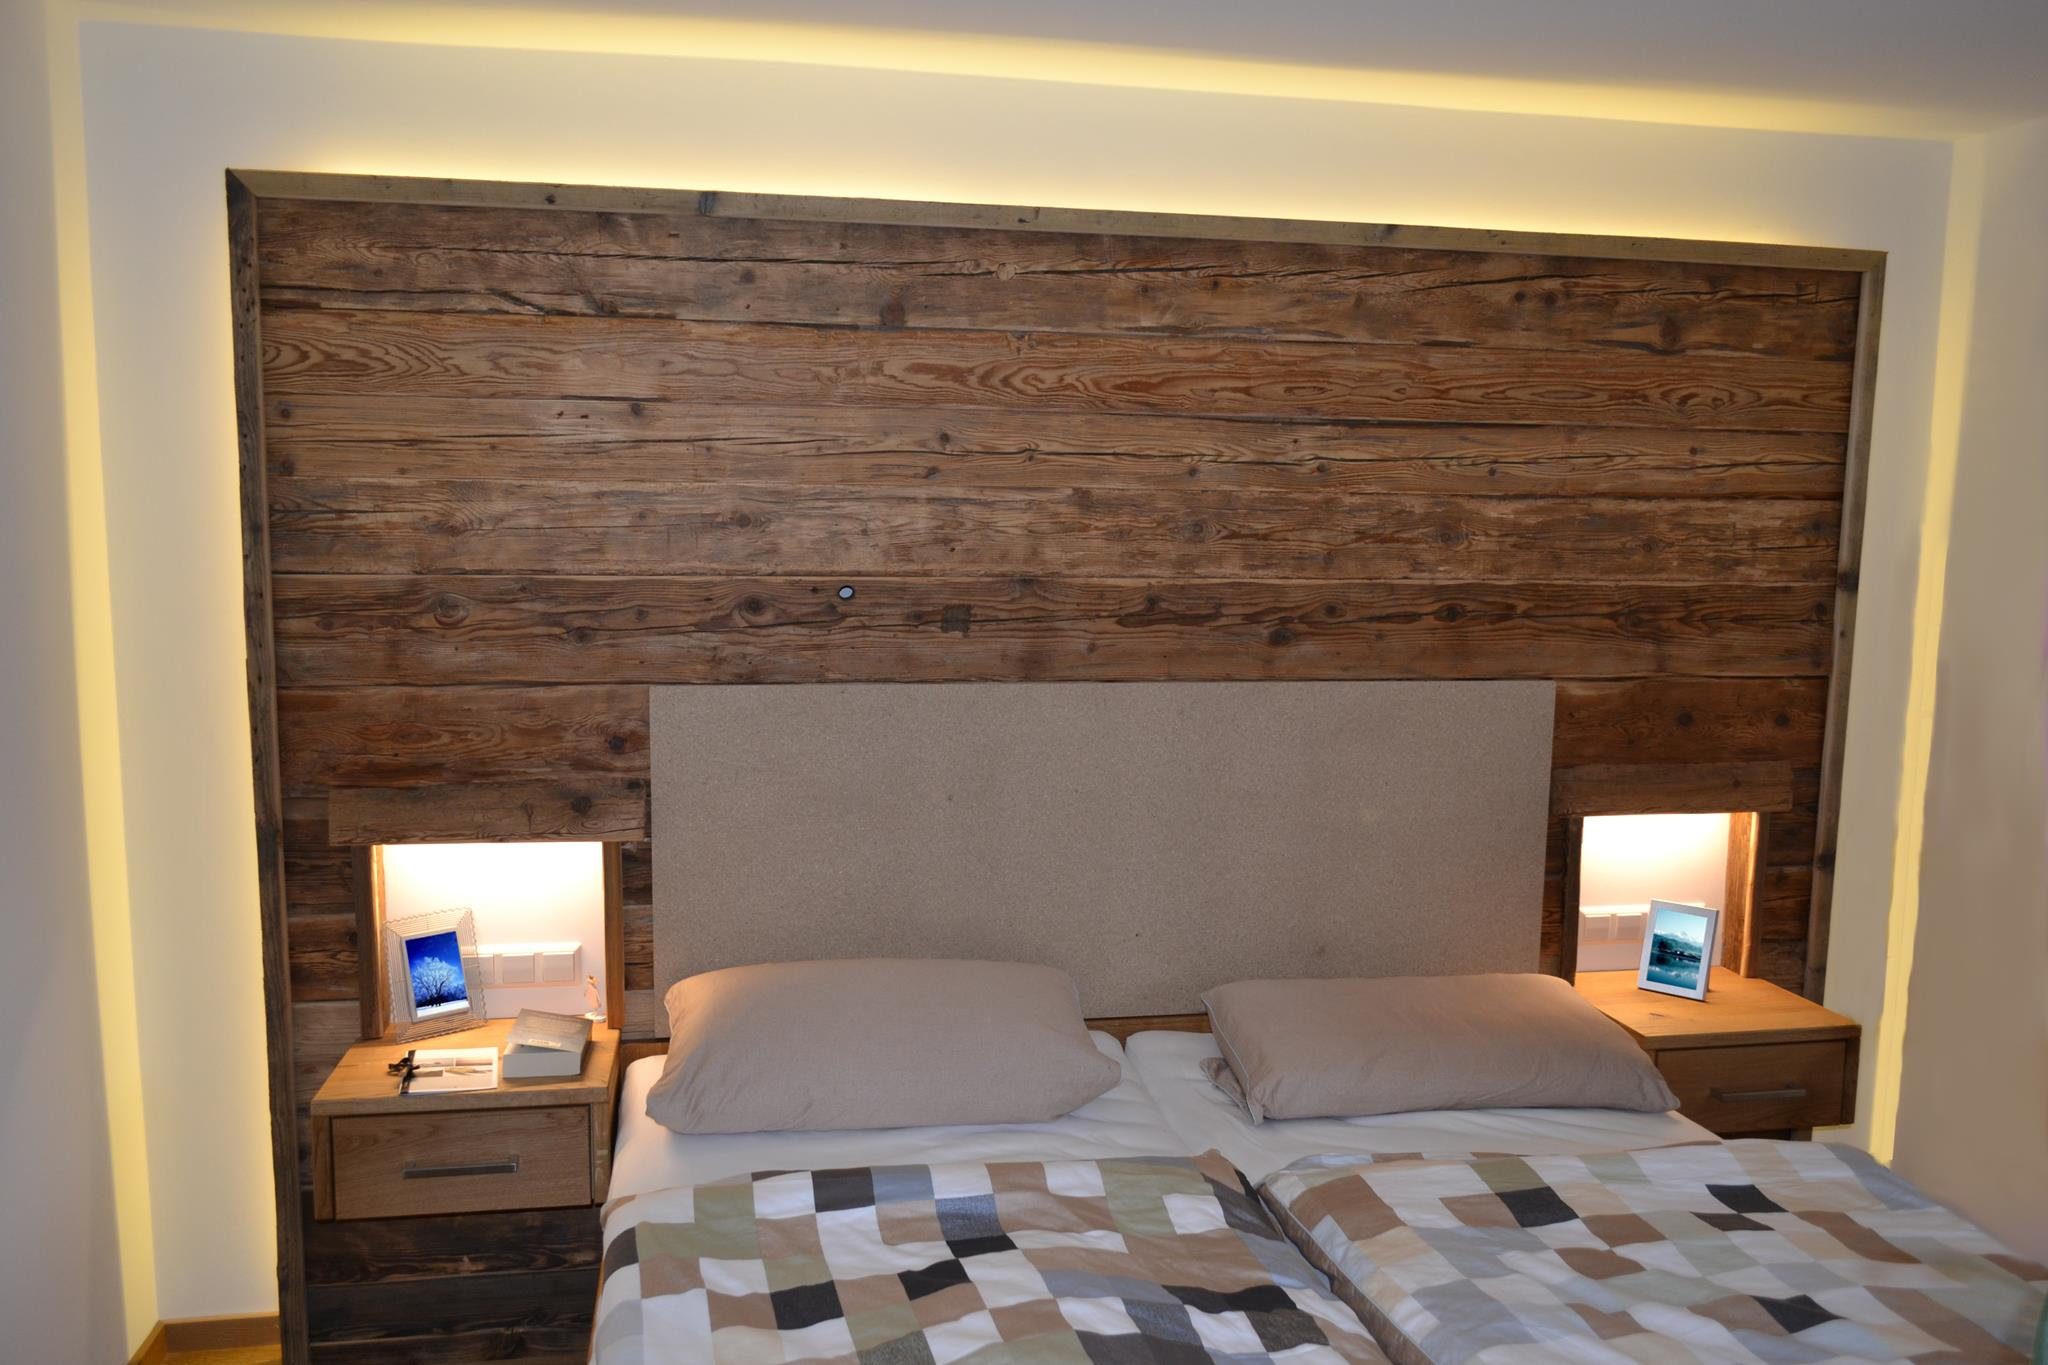 Schlafzimmer farblich gestalten